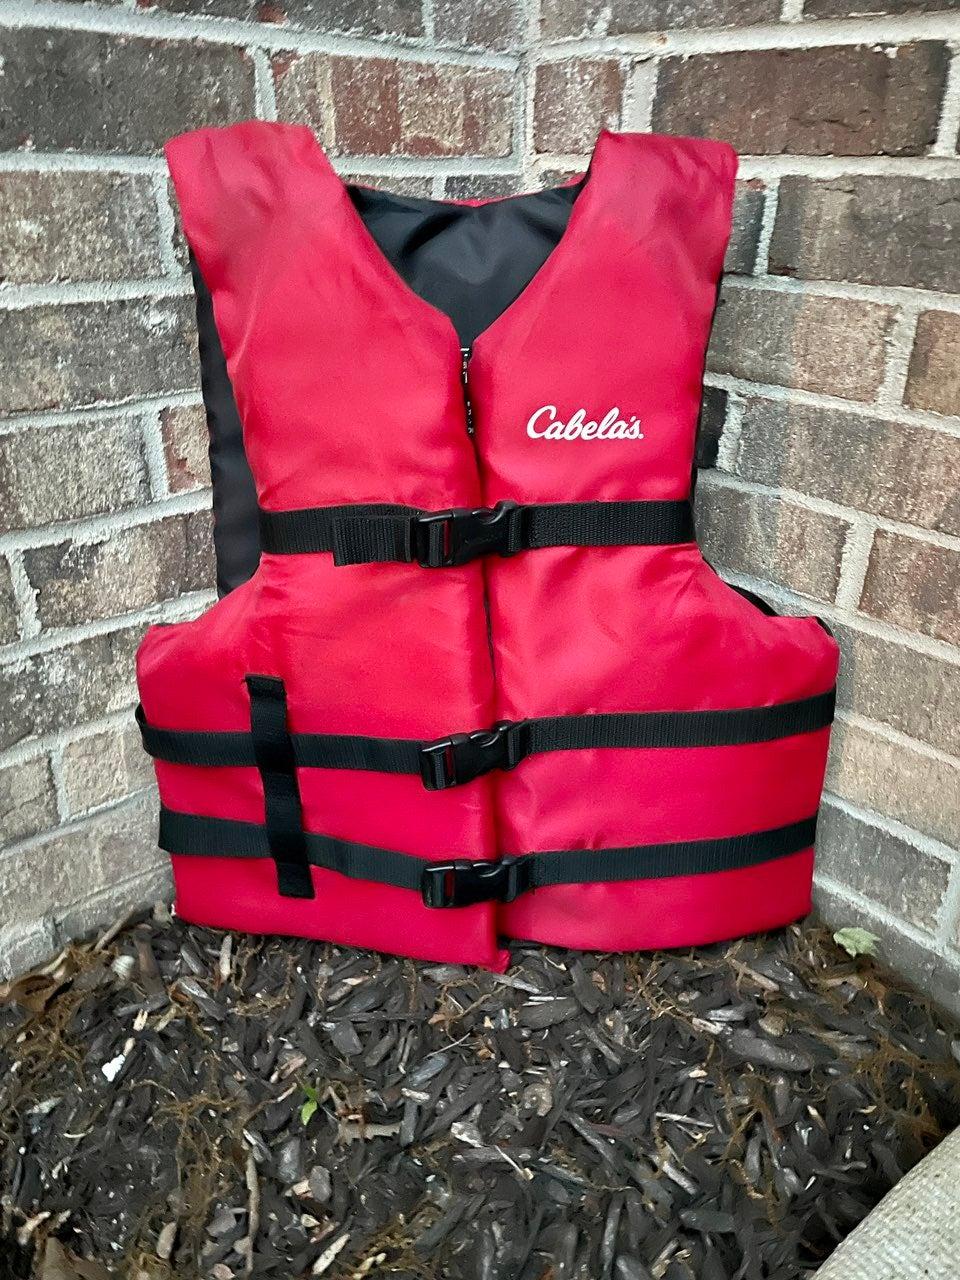 Cabela's Life Jacket